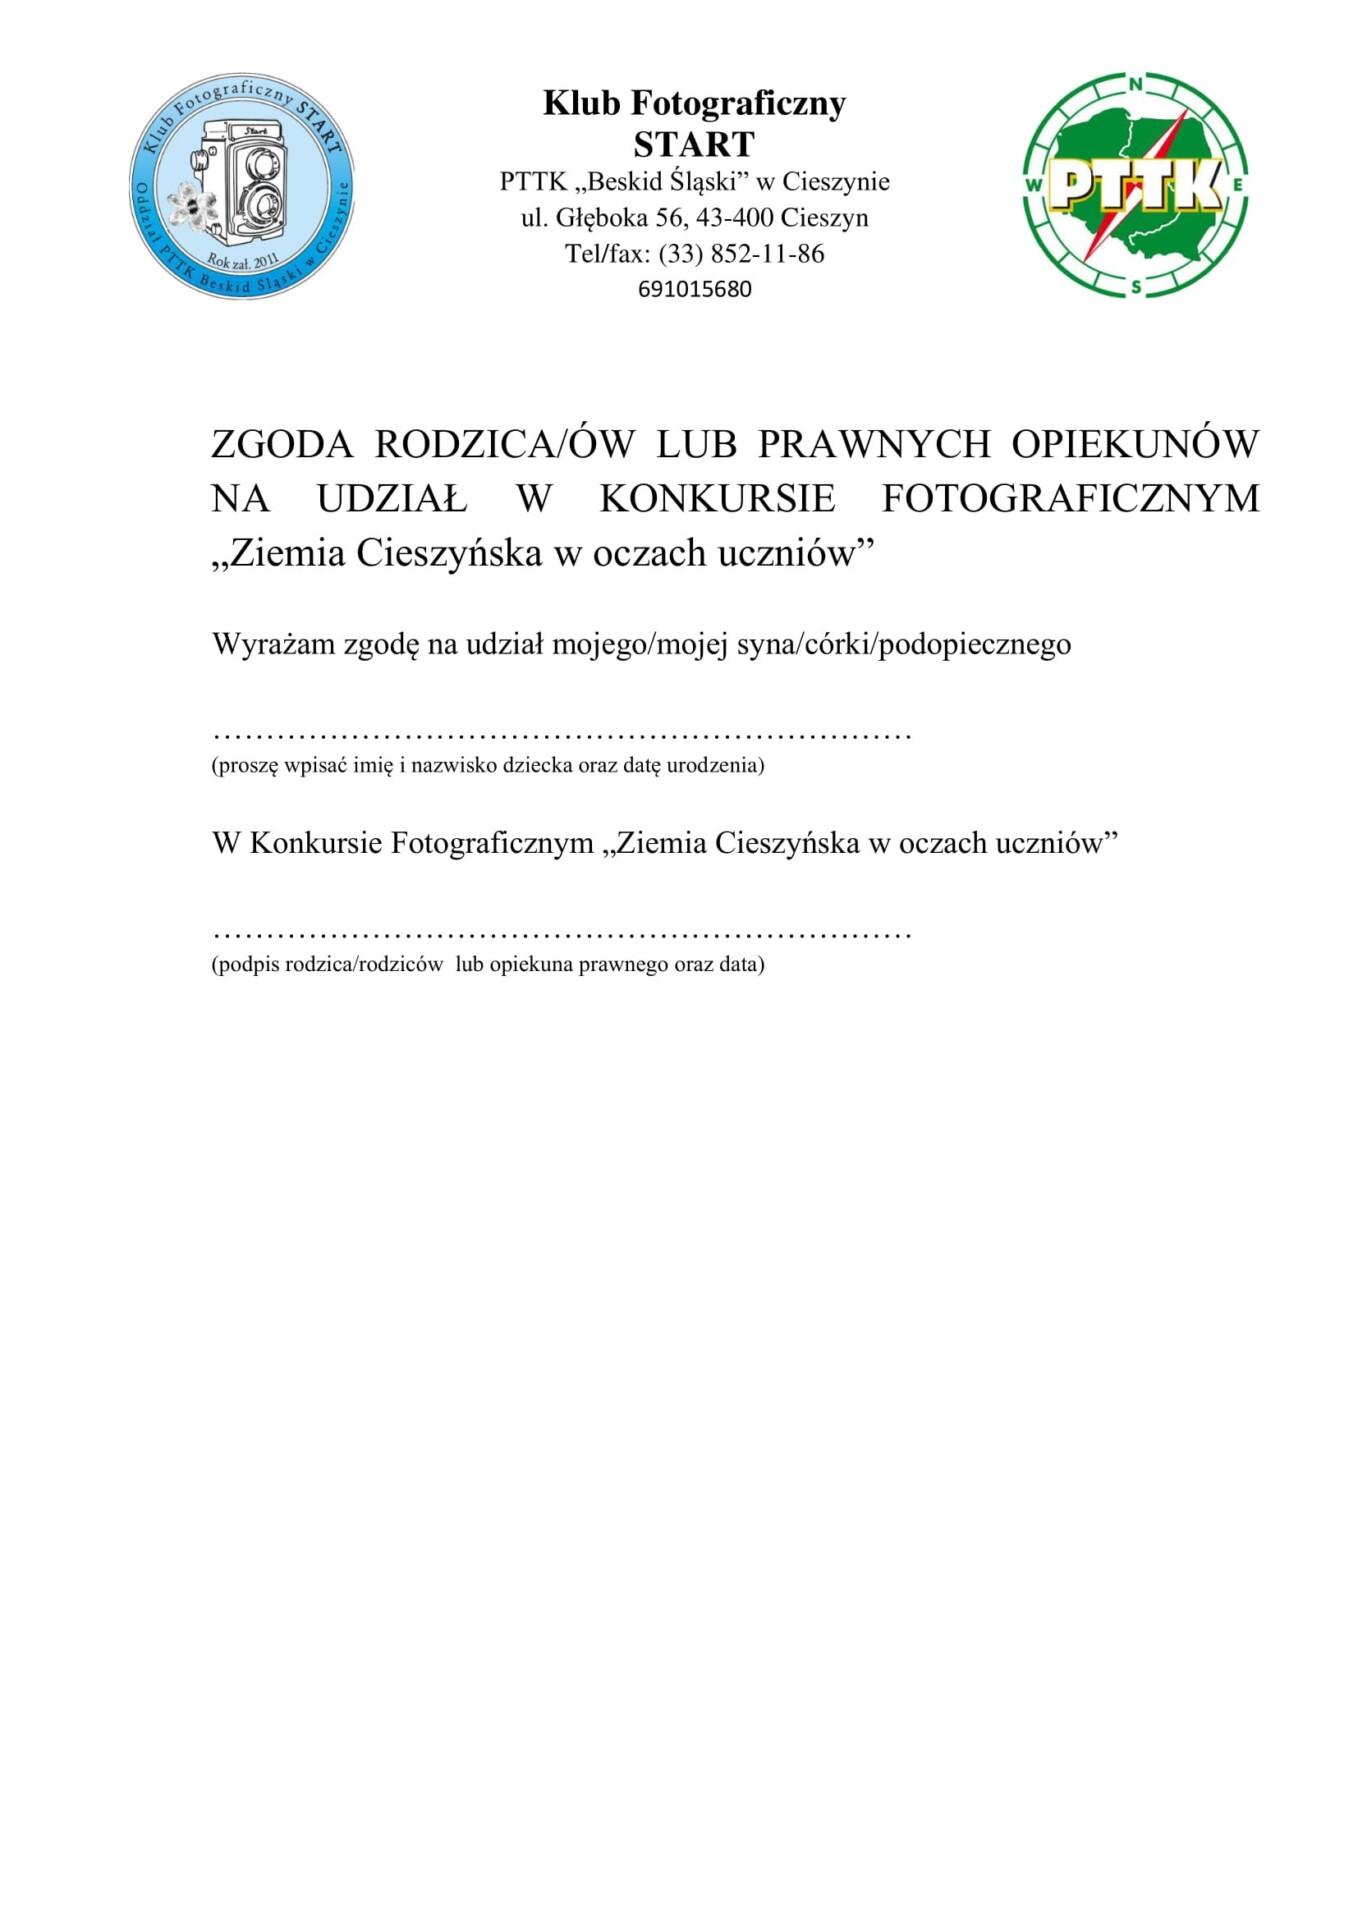 Załącznik nr 2 – Zgoda Rodziców Ziemia Cieszyńska w oczach uczniów-1